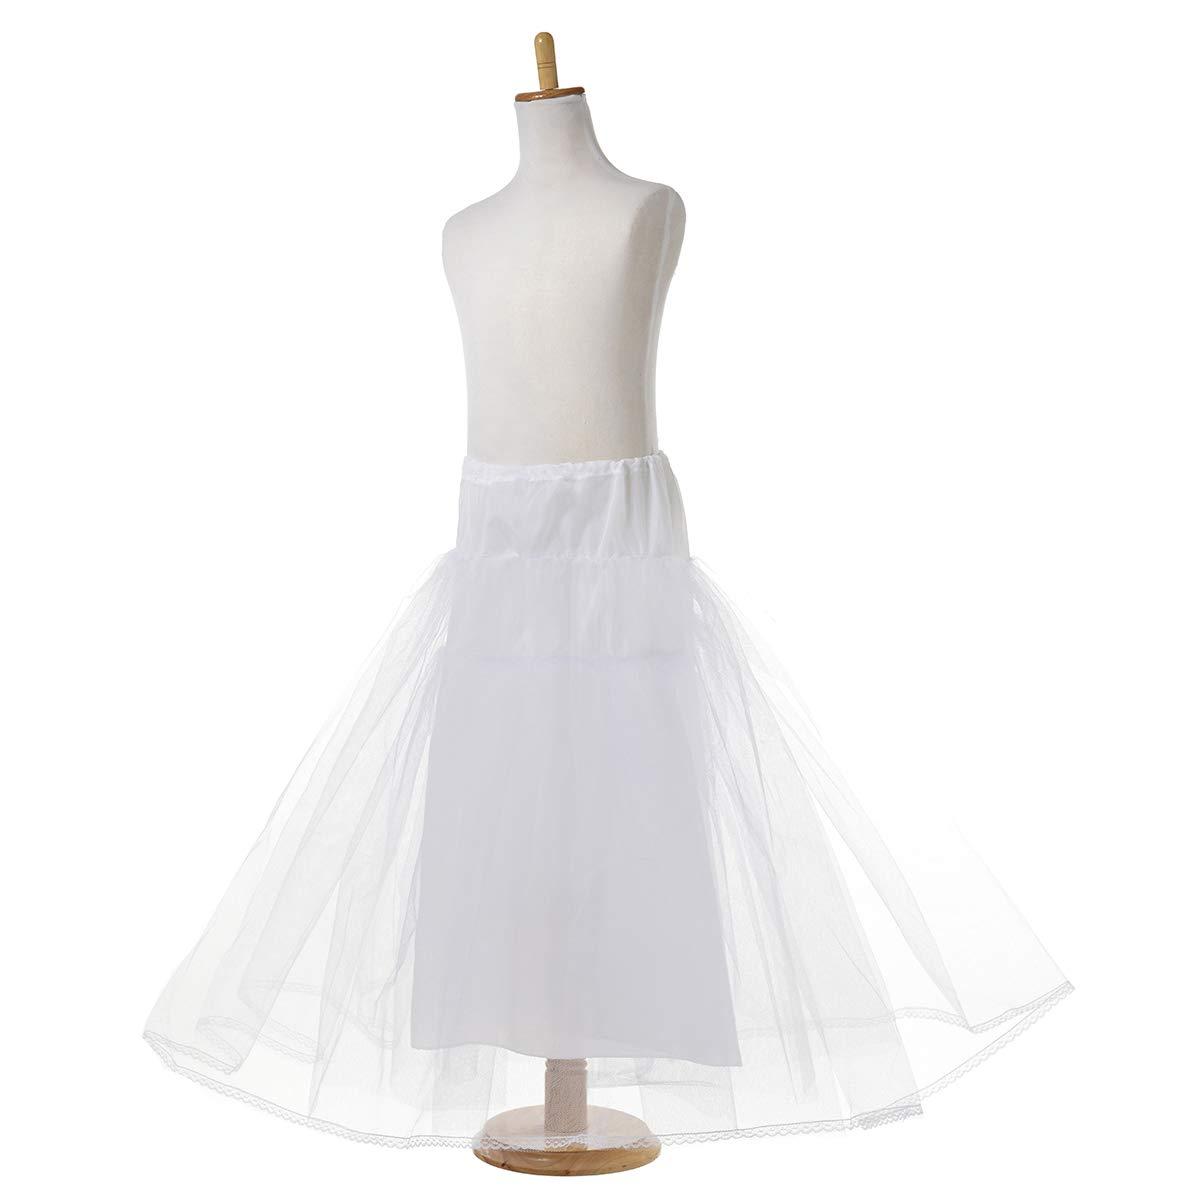 AW Girls Hoopless Petticoat Kids Tutu Skirt Dress Soft Tulle White Crinoline Underskirt